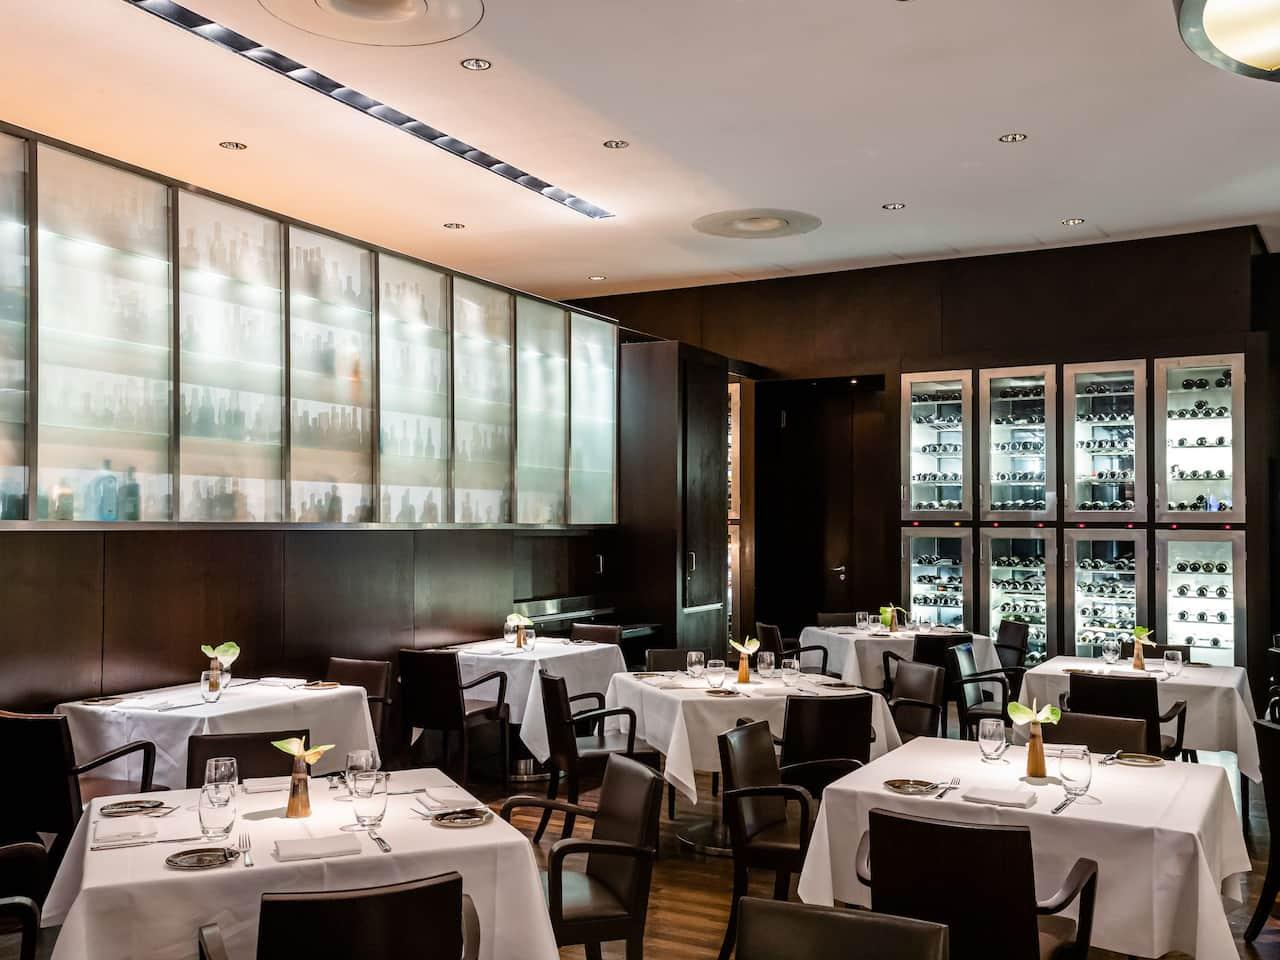 Vox Restaurant im Grand Hyatt Berlin